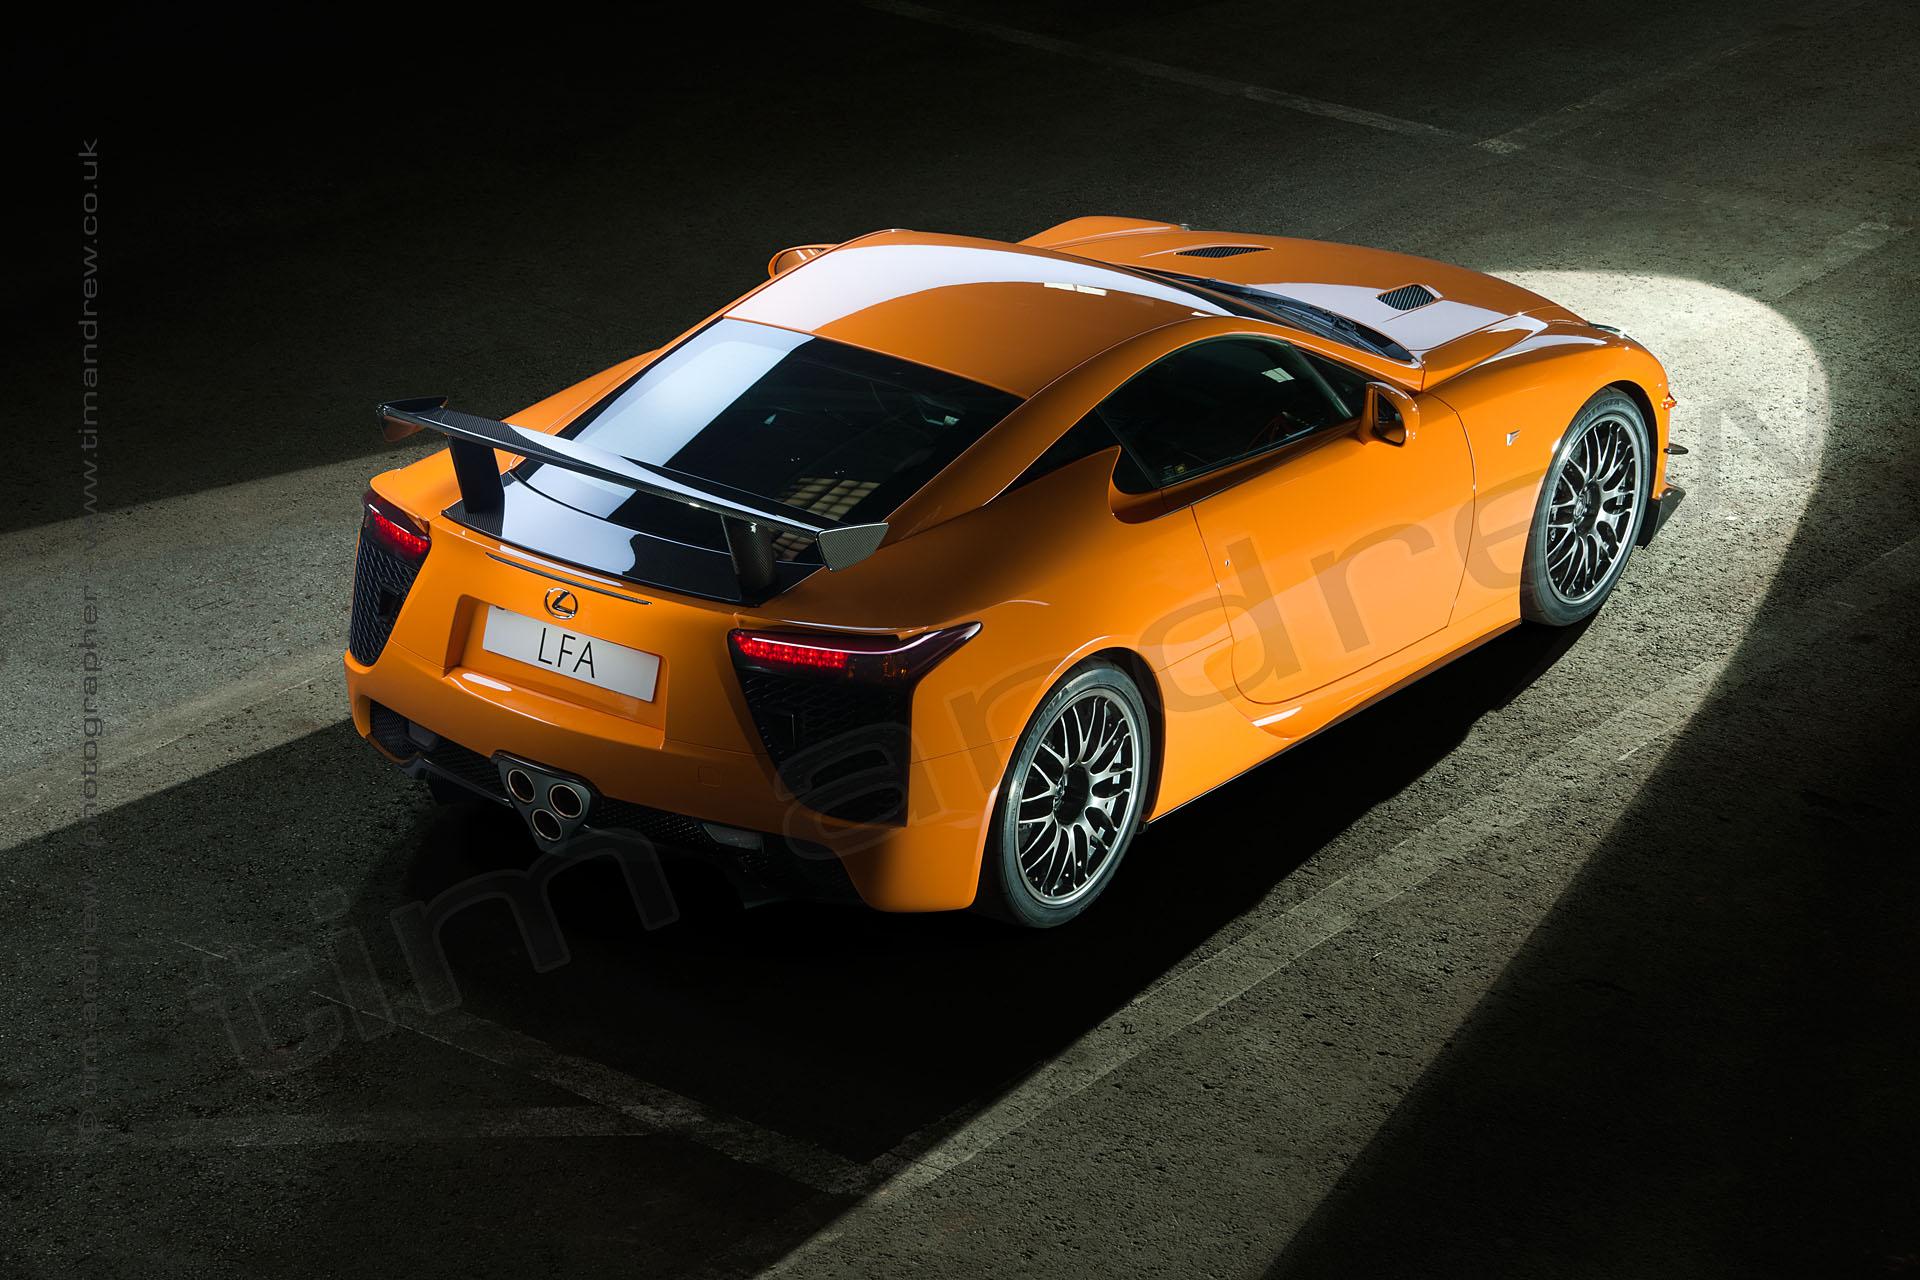 Lexus LFA Nuburgring Edition